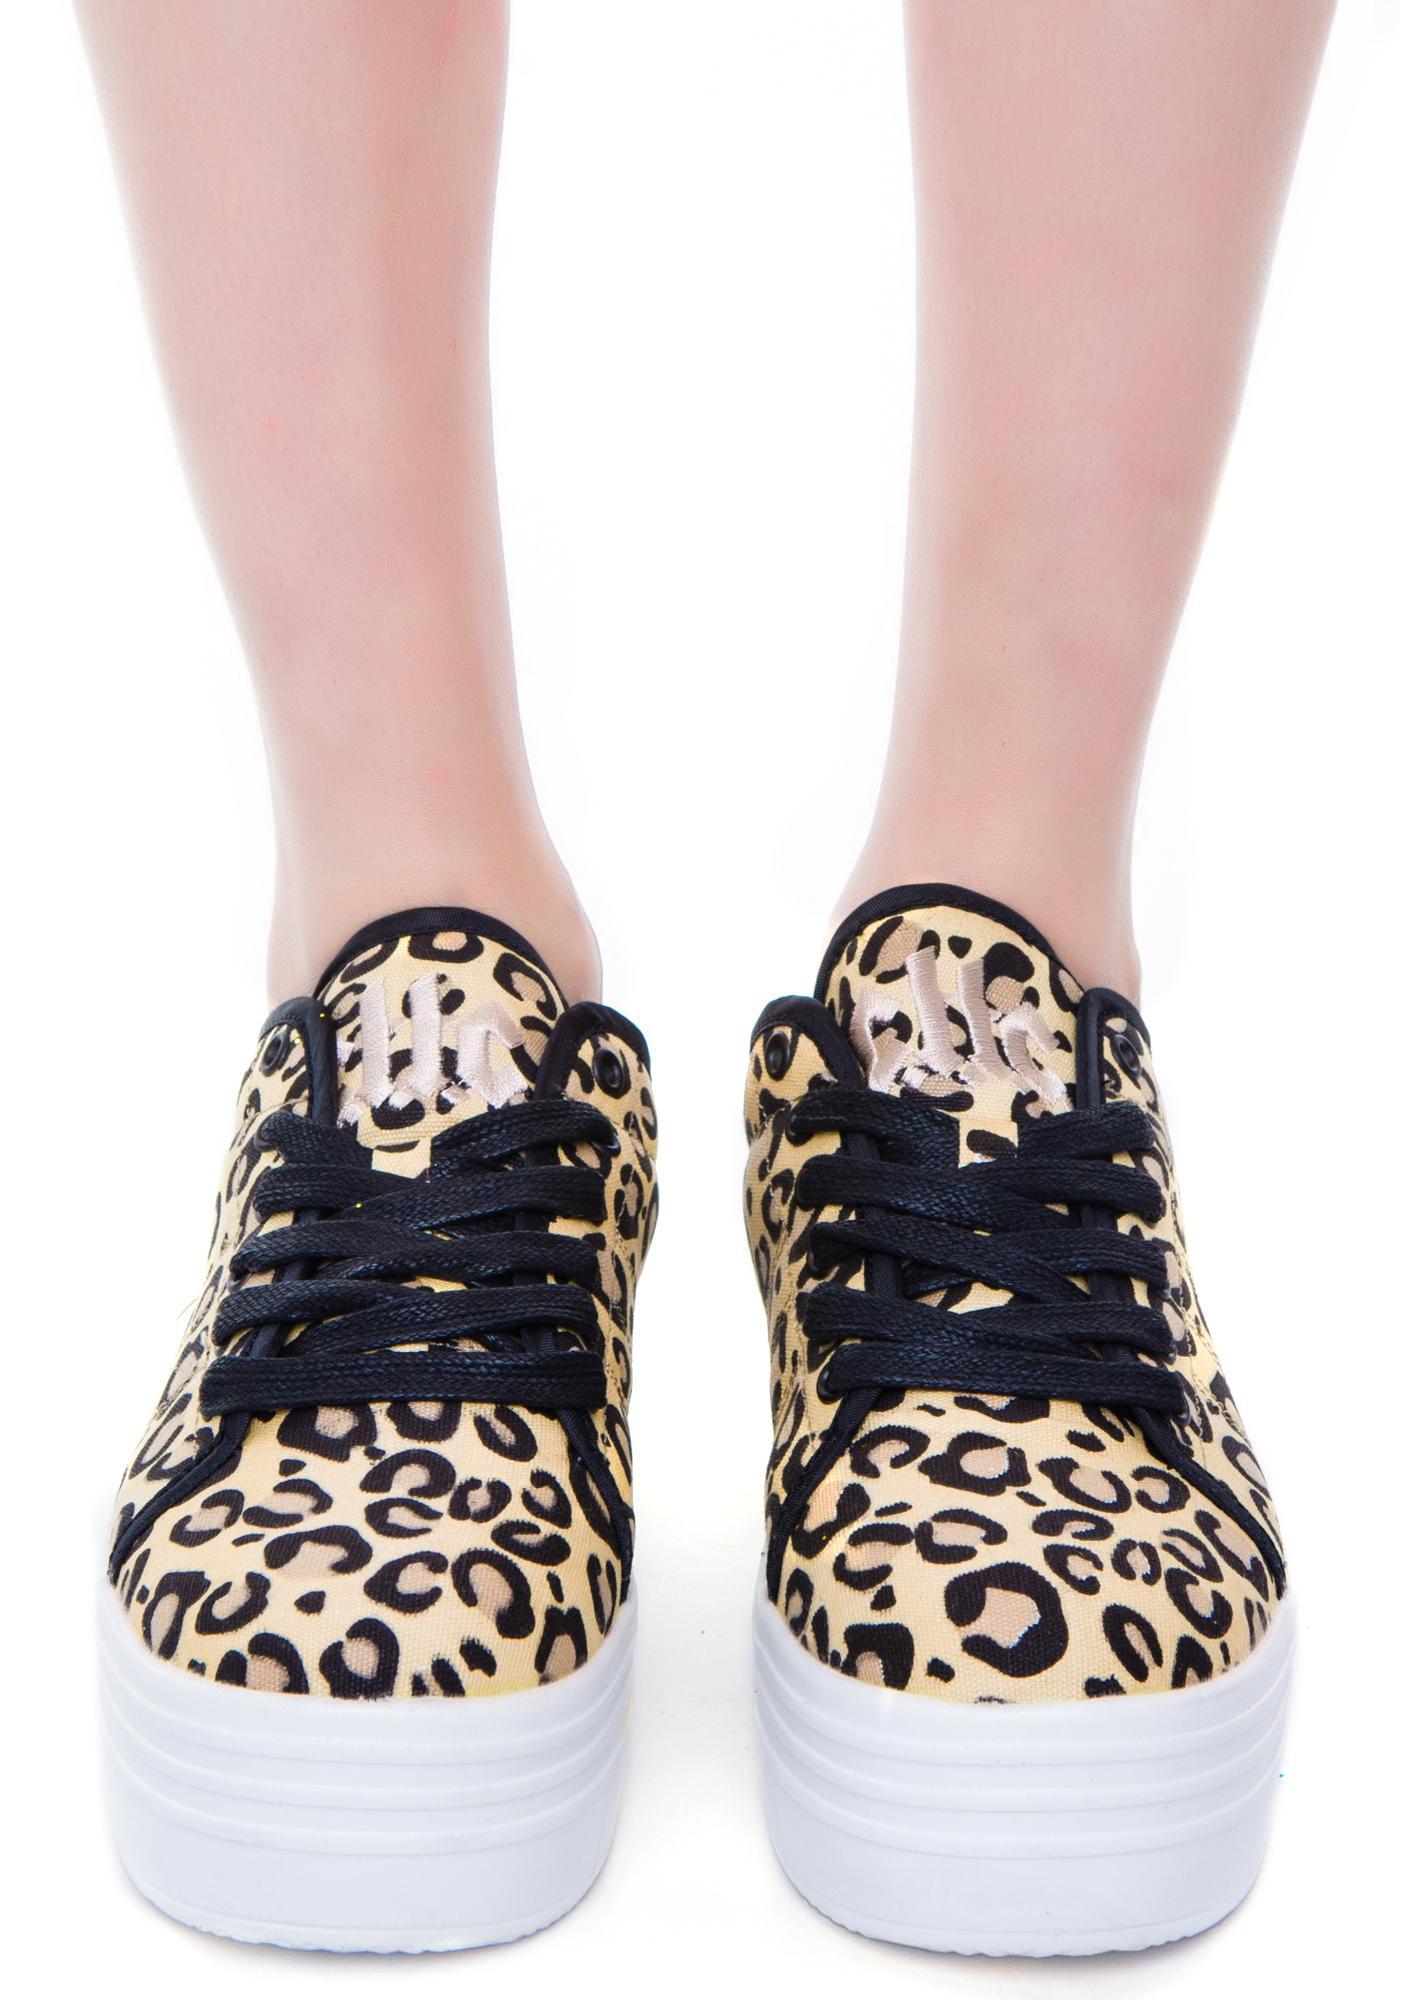 Blyke Leopard Platform Sneakers